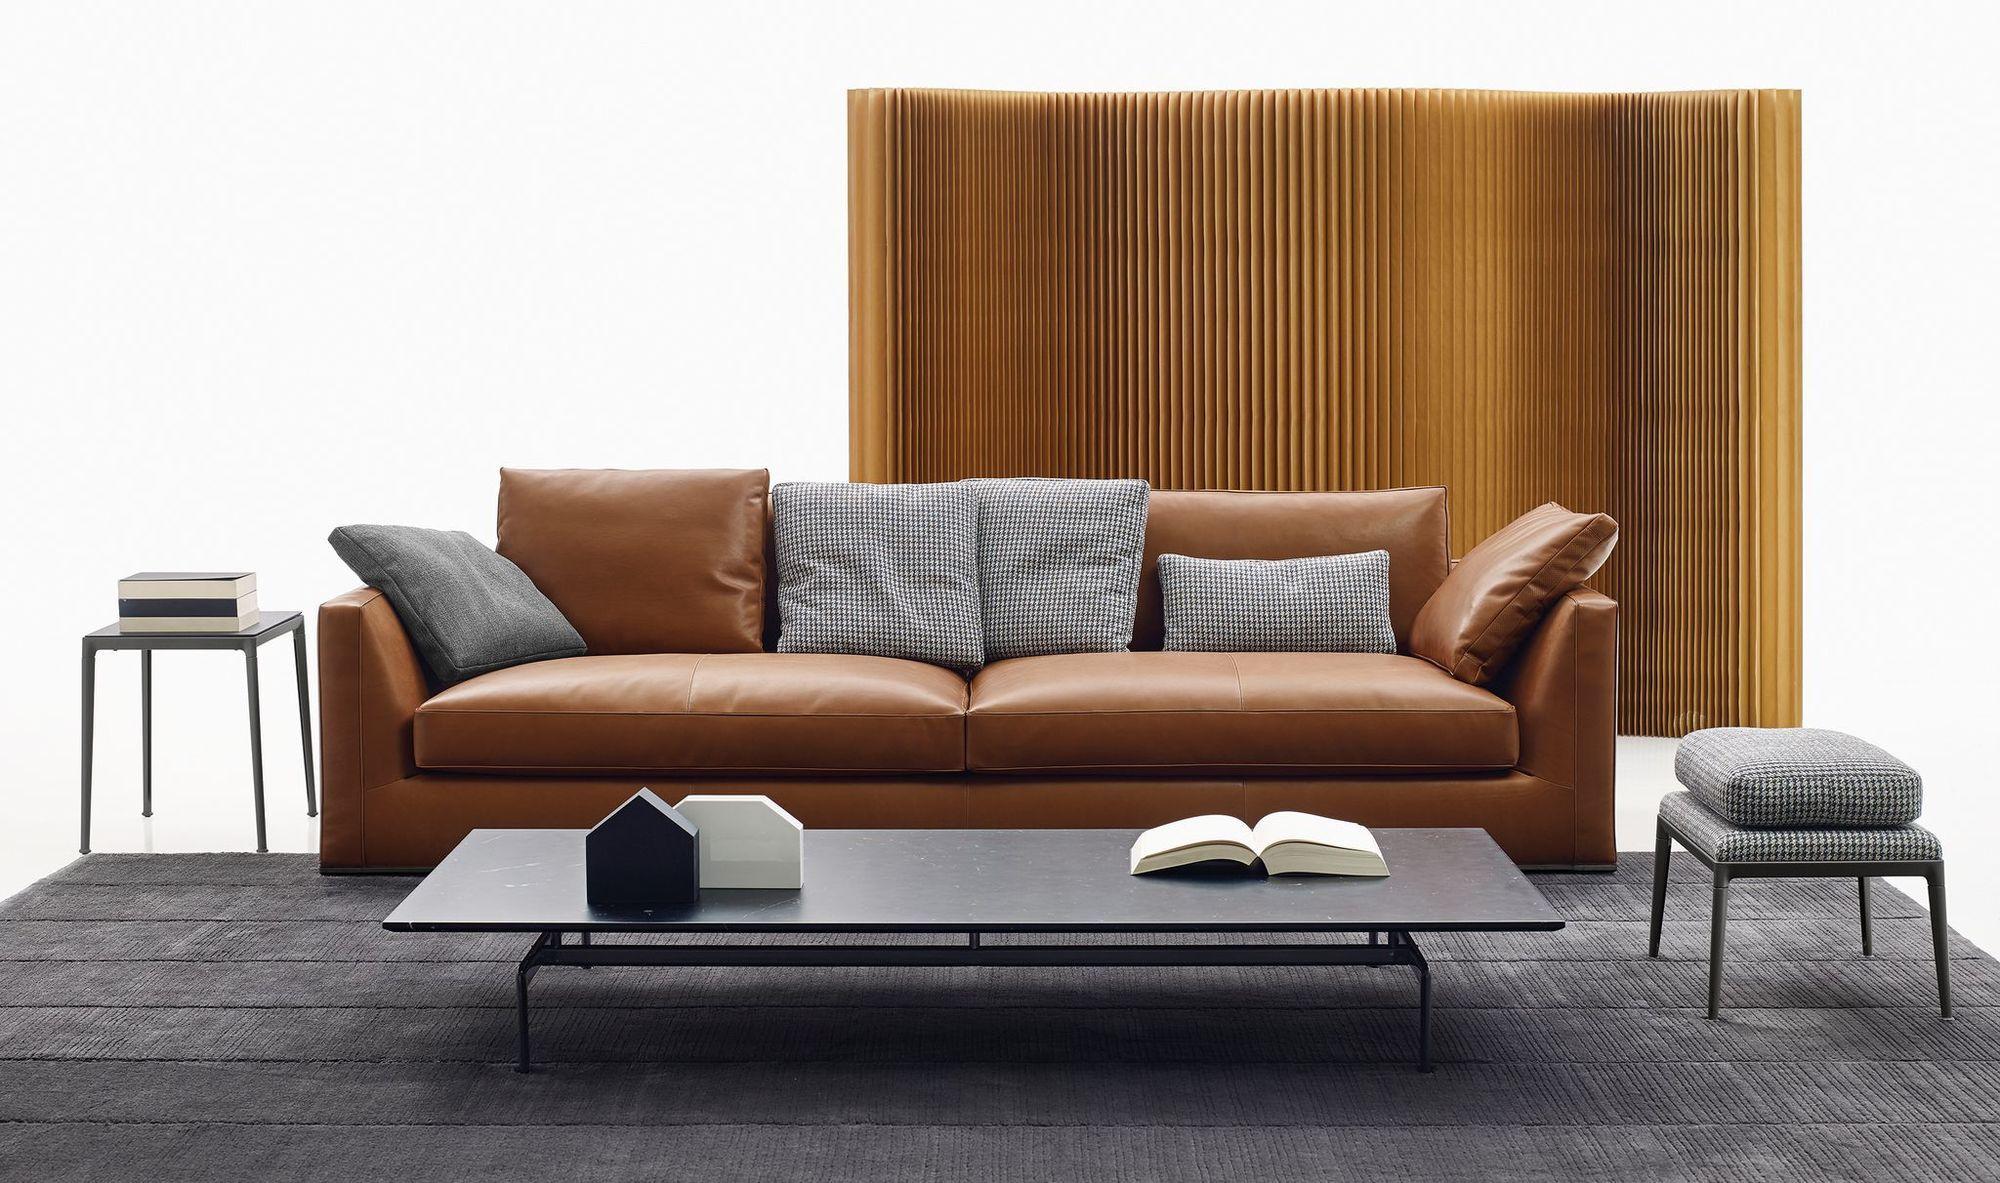 Epingle Sur Mobilier Rembourre Upholstered Furniture